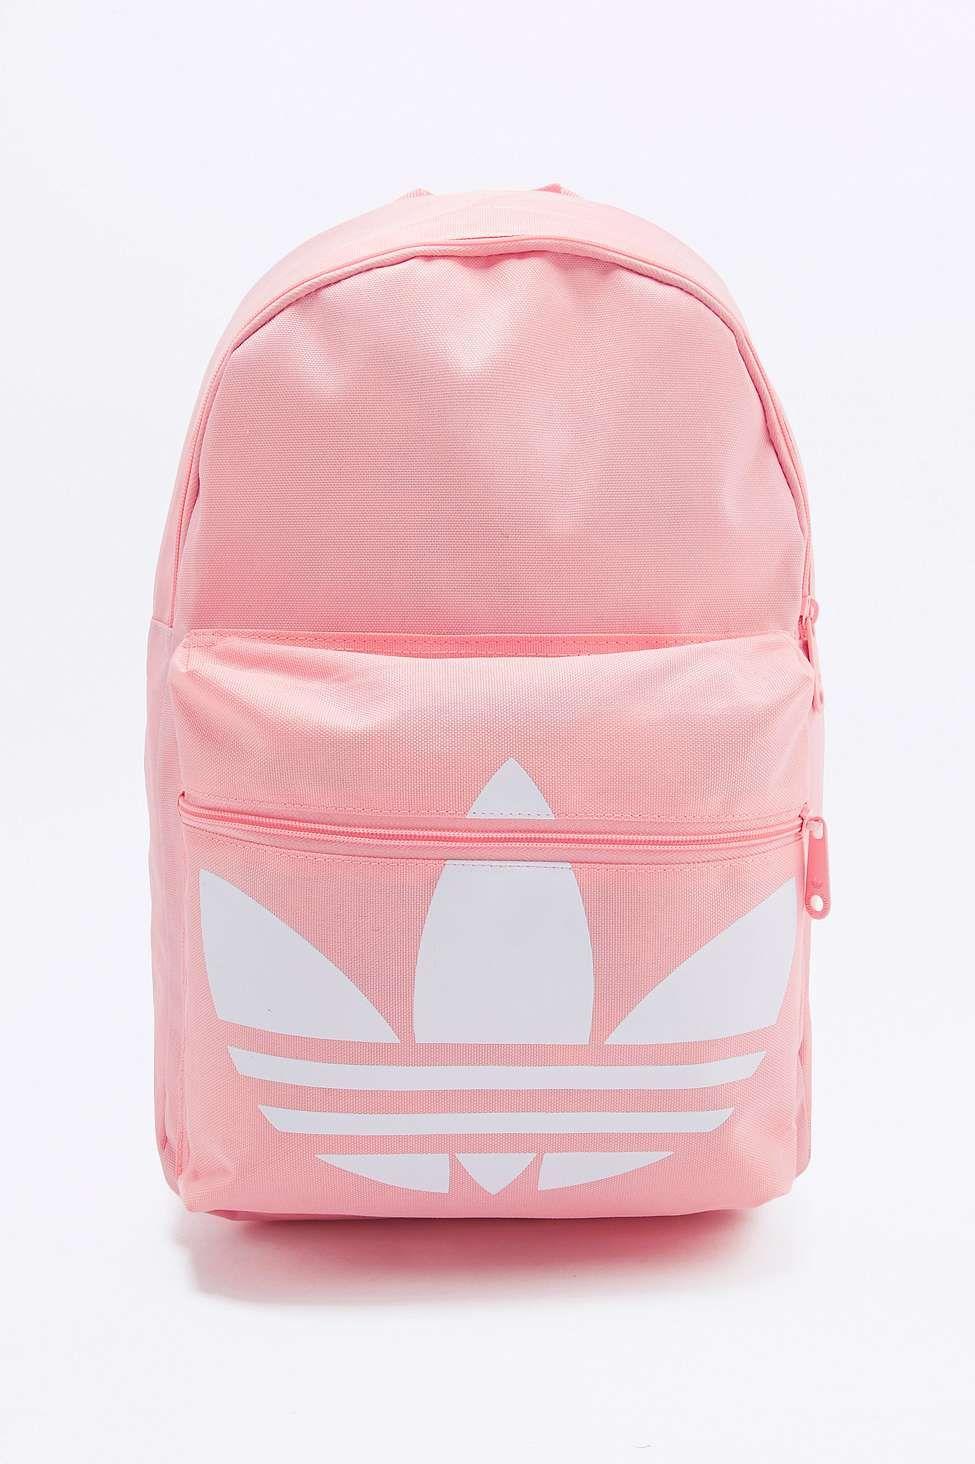 3af6e36b13 adidas Originals - Sac à dos avec logo trèfle rose | bags